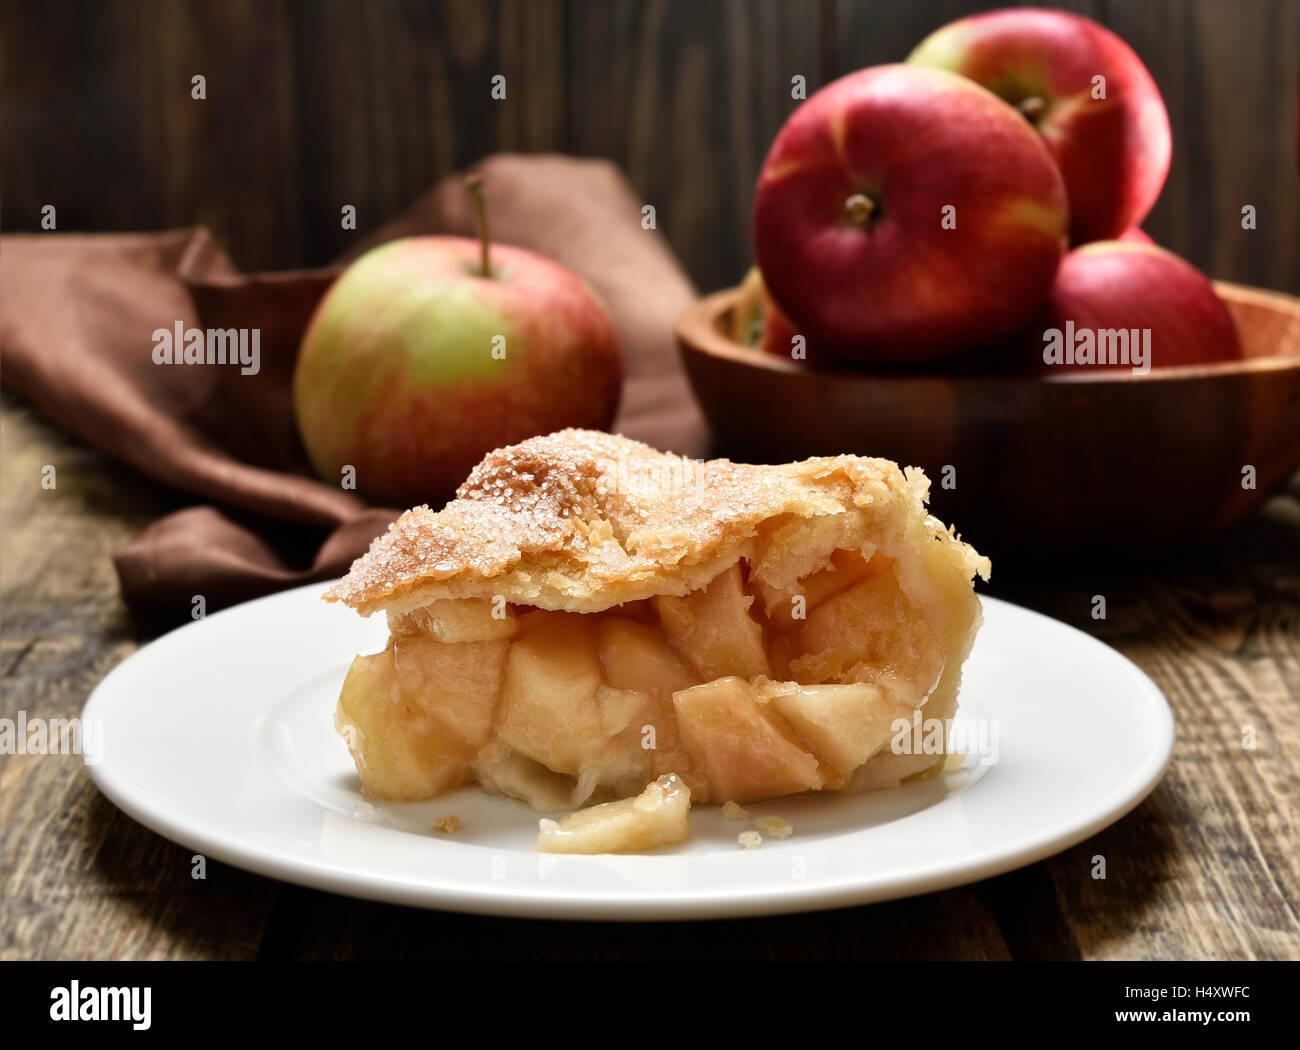 Stück Apfelkuchen auf Teller, Nahaufnahme Blick Stockbild